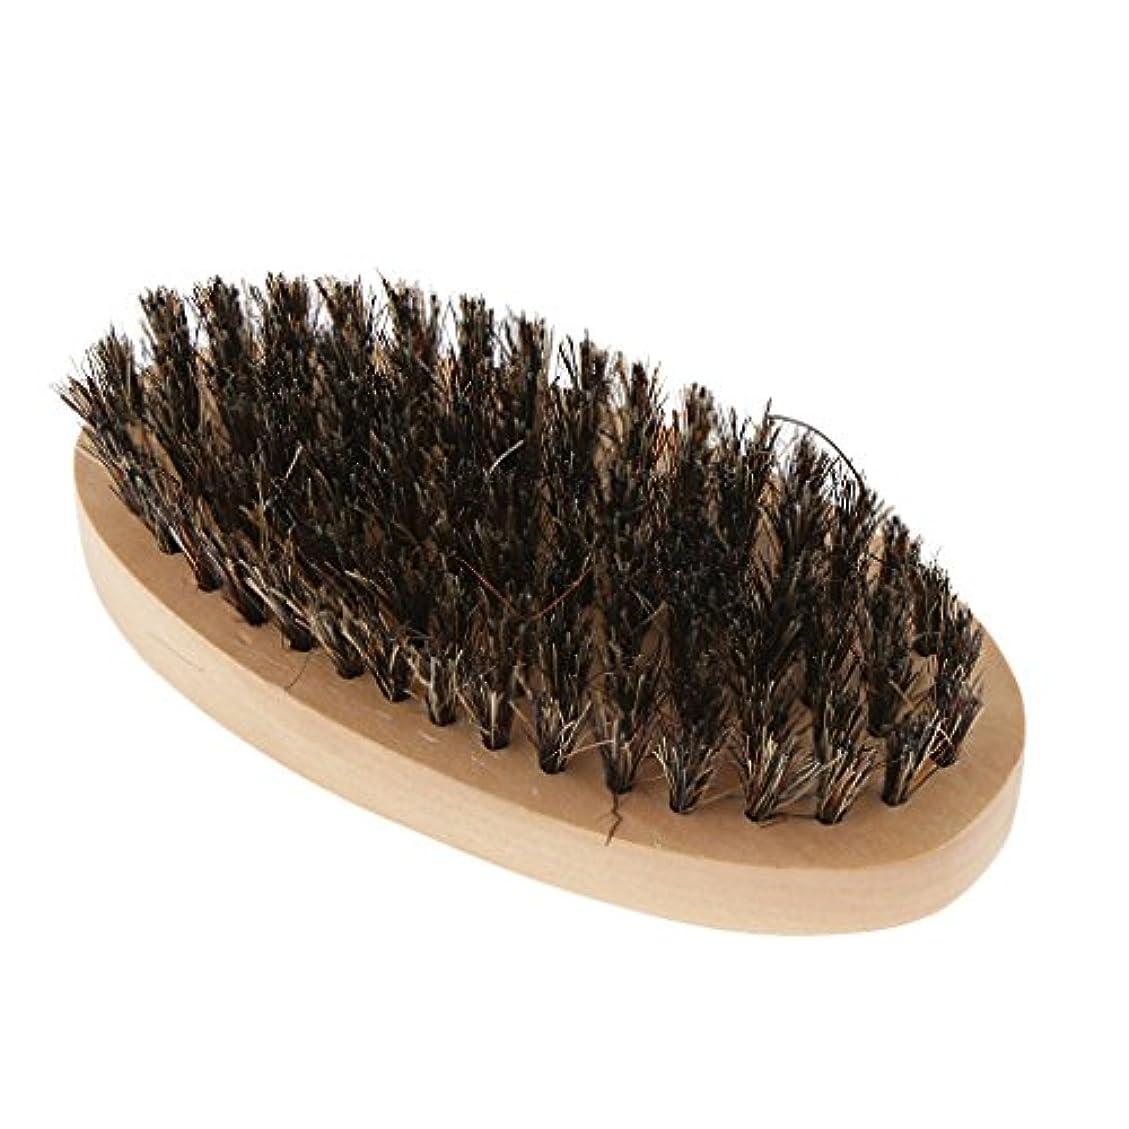 ベール証拠どうやらKesoto ビアードブラシ 男性 ひげブラシ 口ひげ 整髪スタイリング 木製のハンドル